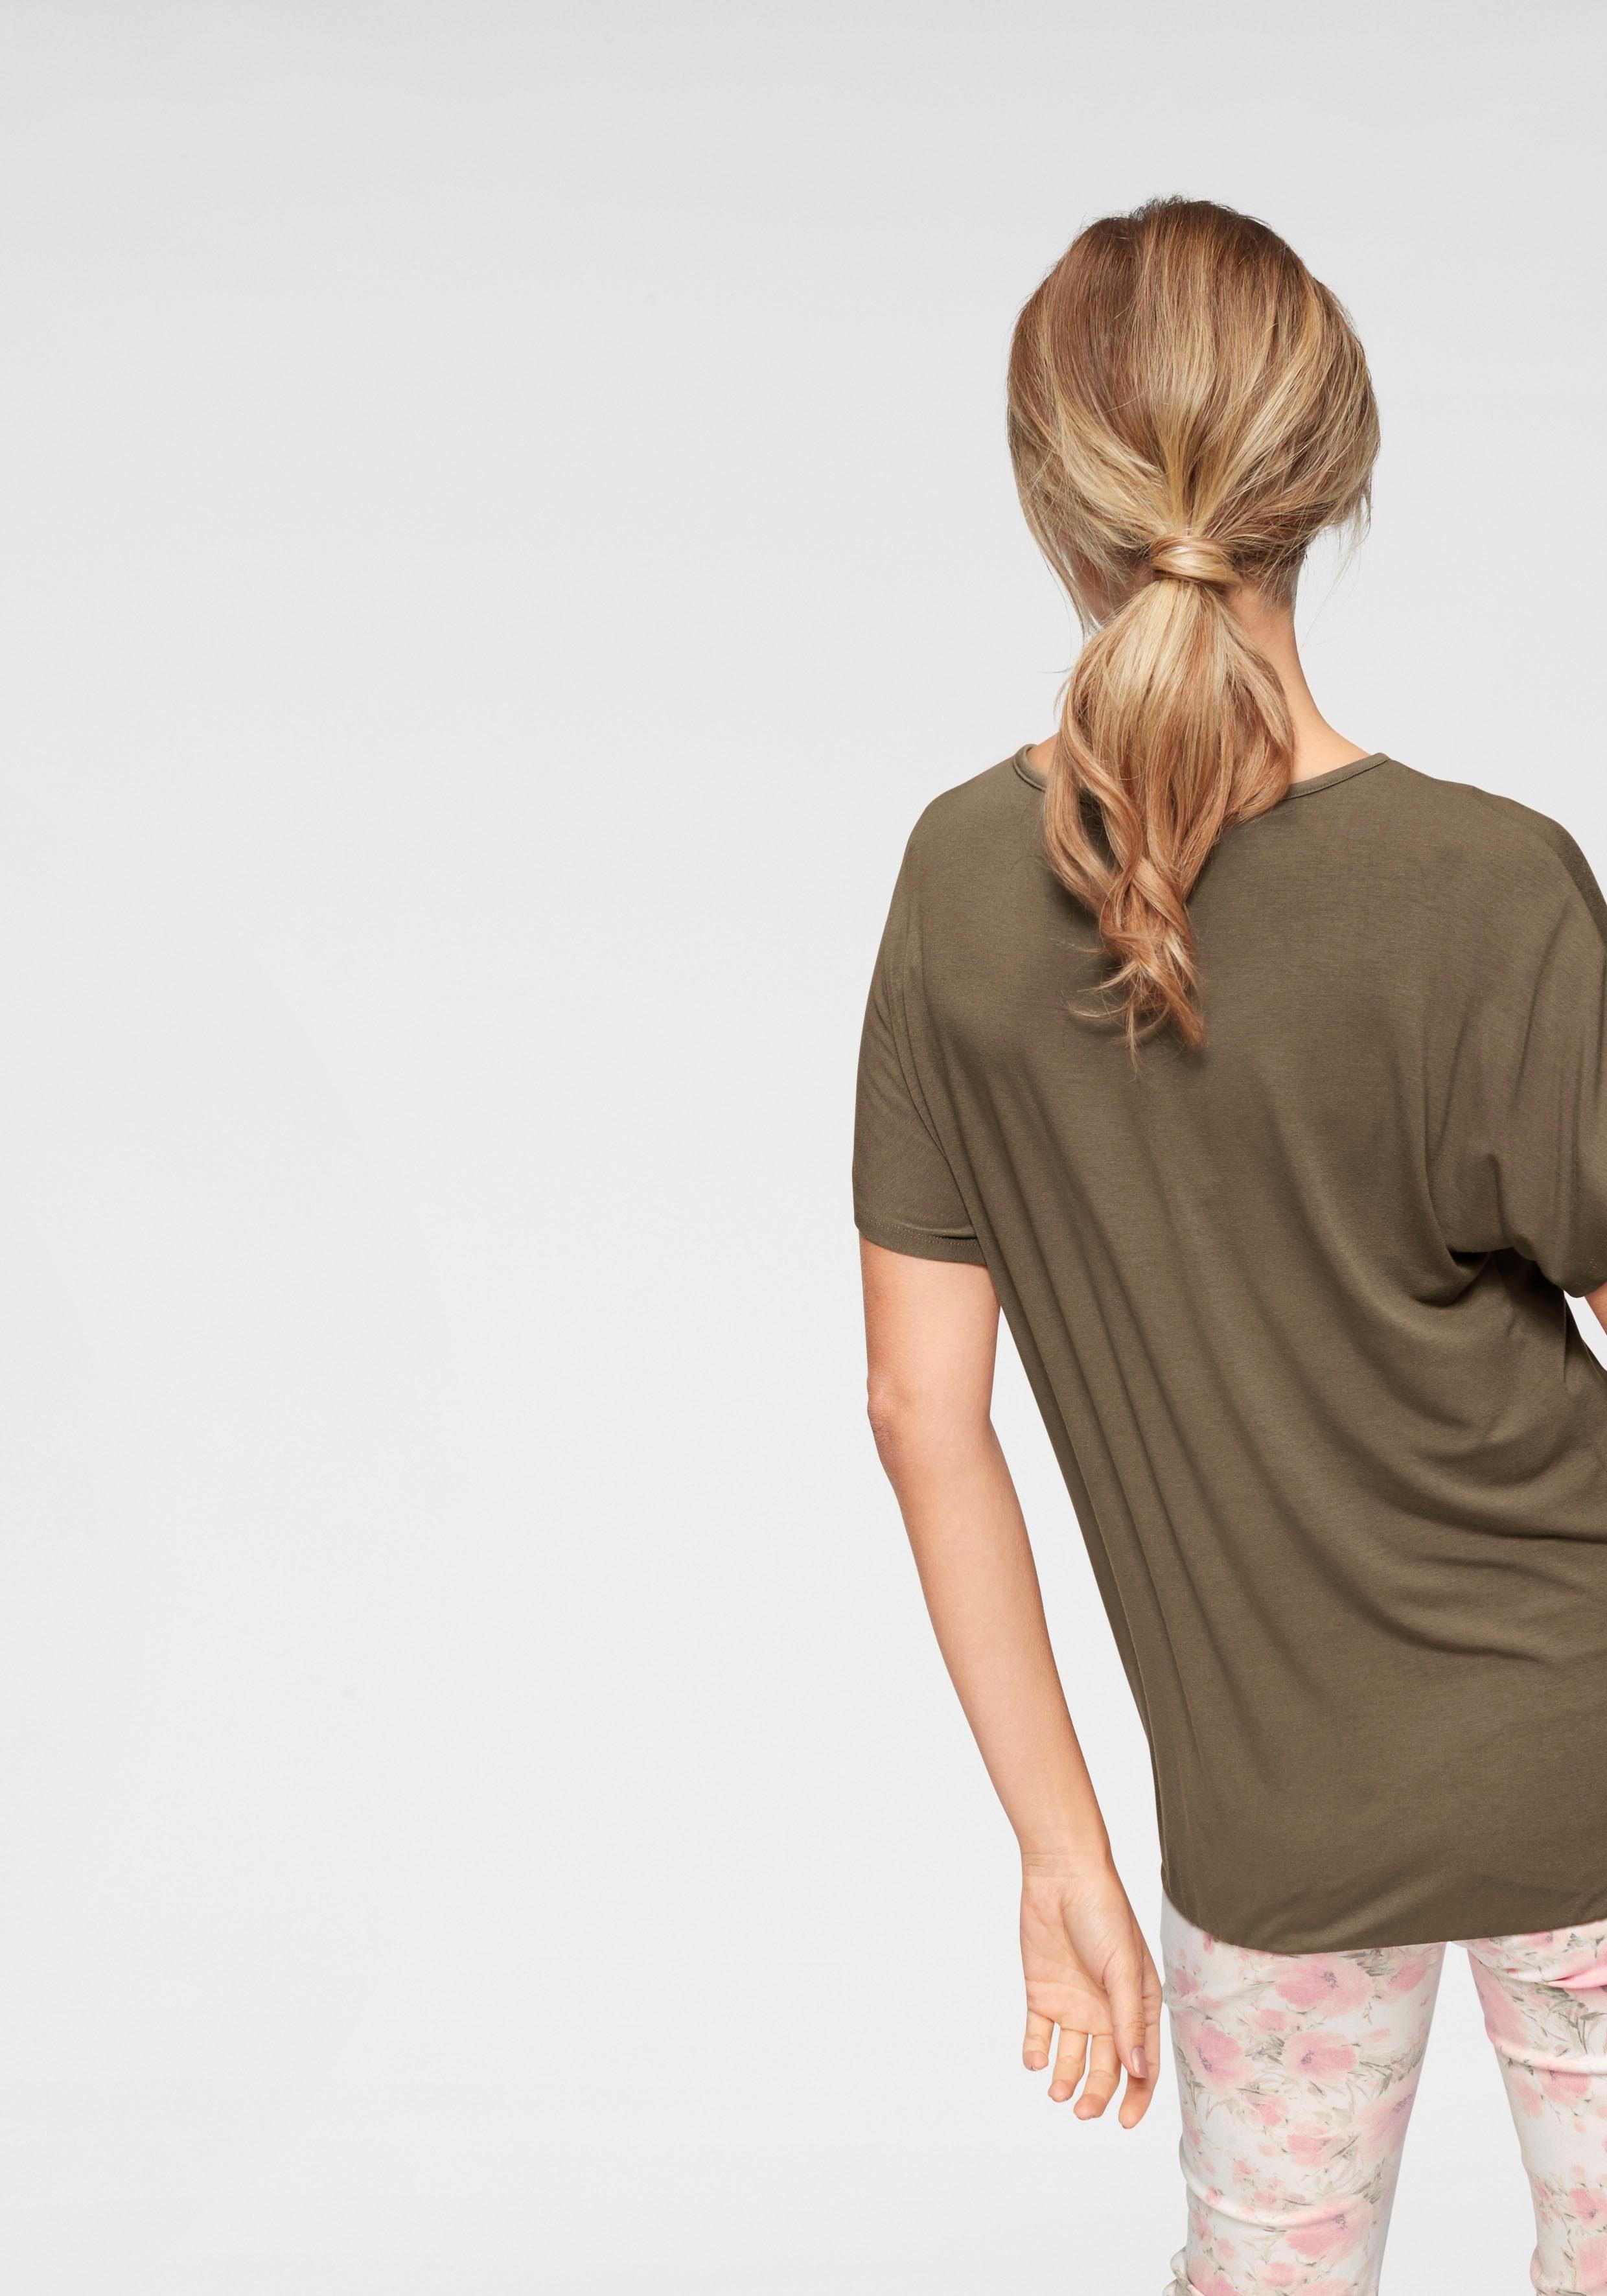 Neue Kollektion Größe Cheer T Bis shirt 50 YwxXwC0q7